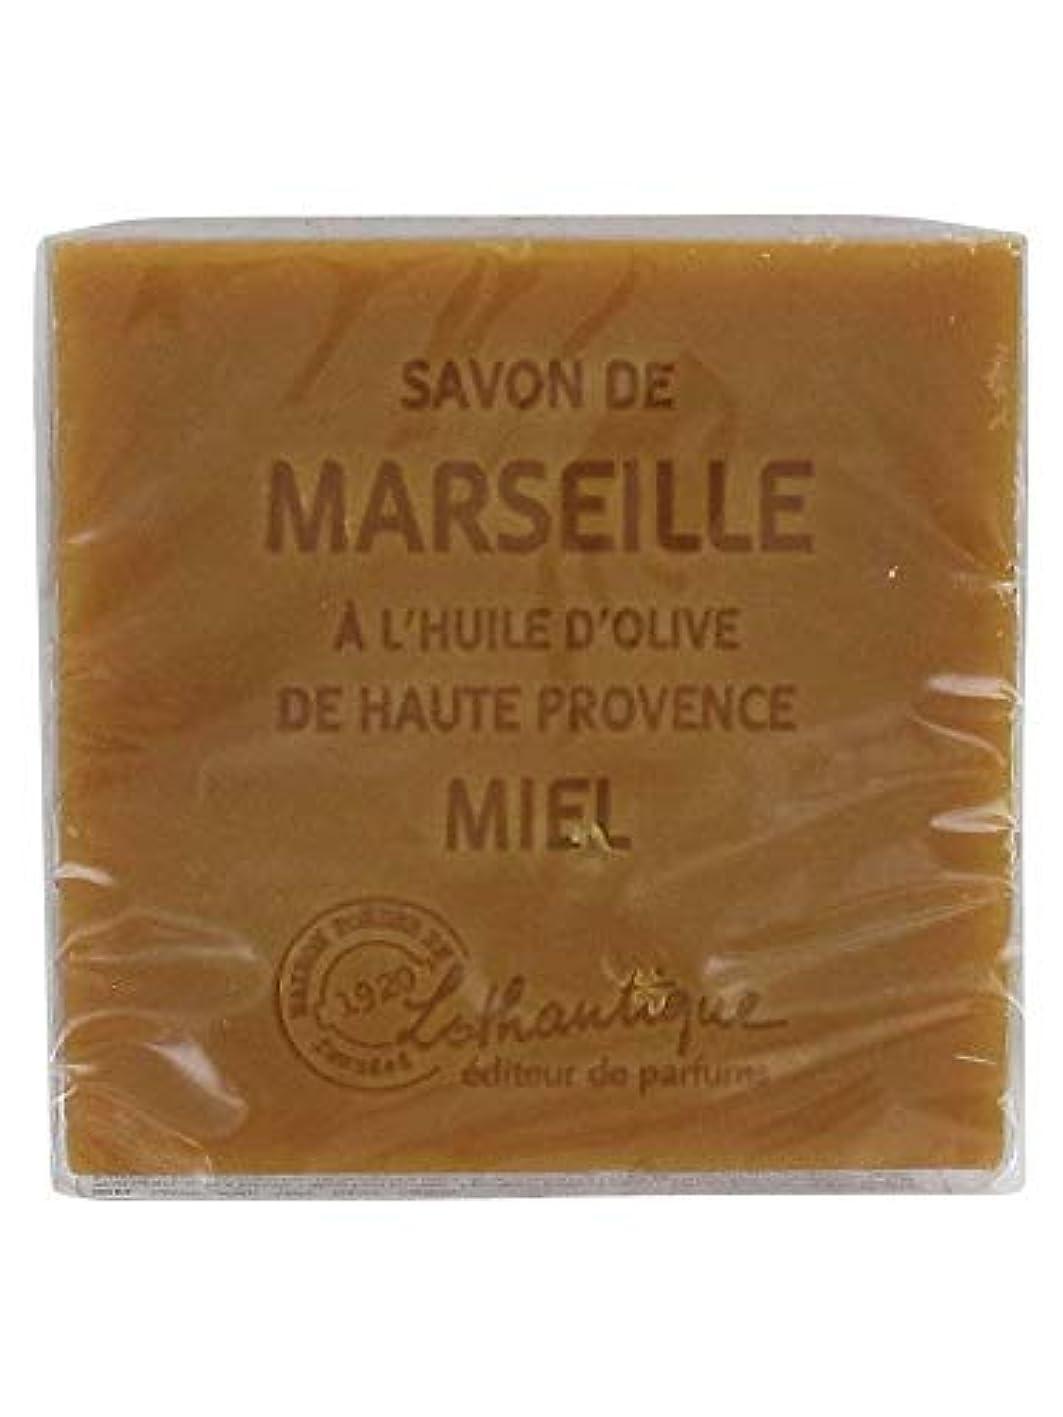 ラインフレッシュ勉強するLothantique(ロタンティック) Les savons de Marseille(マルセイユソープ) マルセイユソープ 100g 「ハニー」 3420070038074